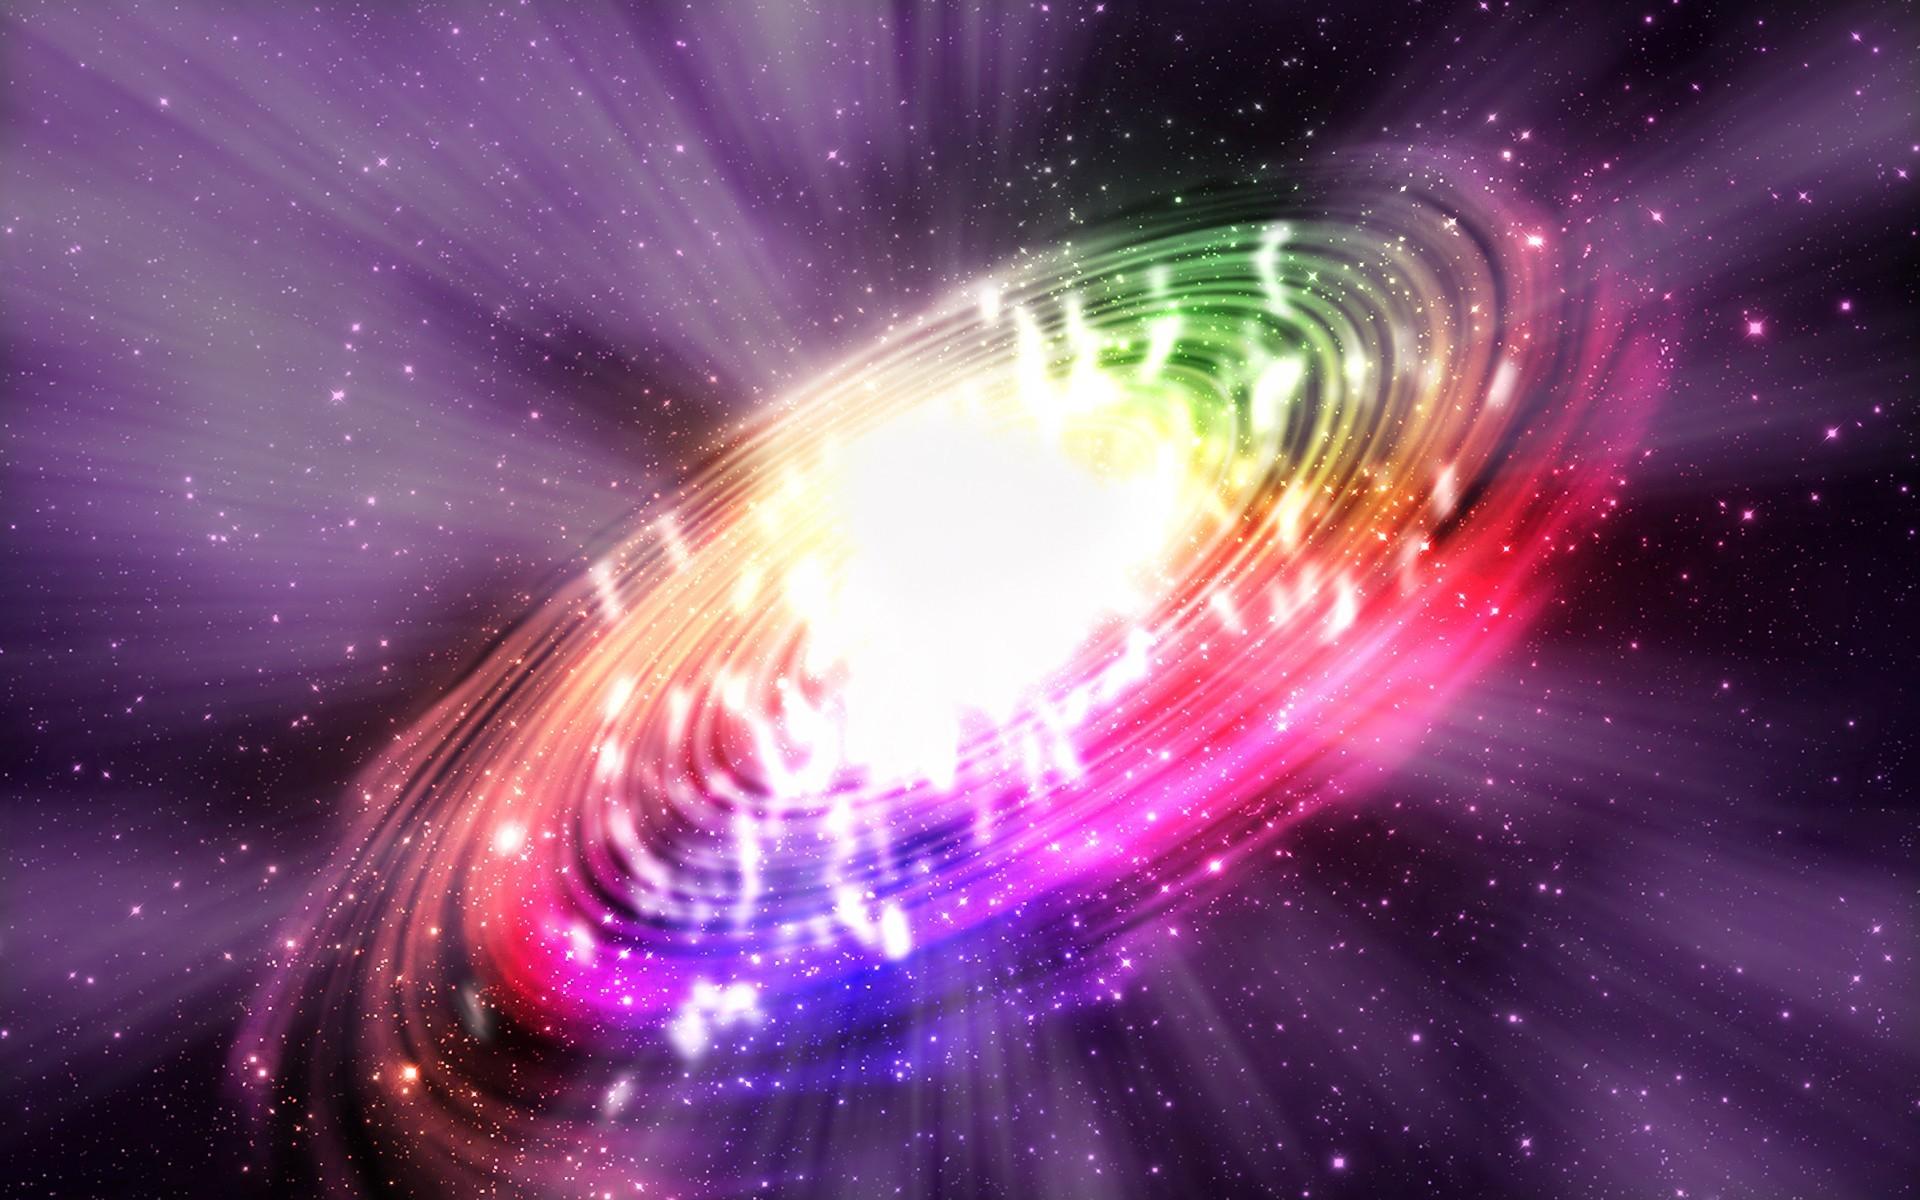 радужная вселенная картинки каталог